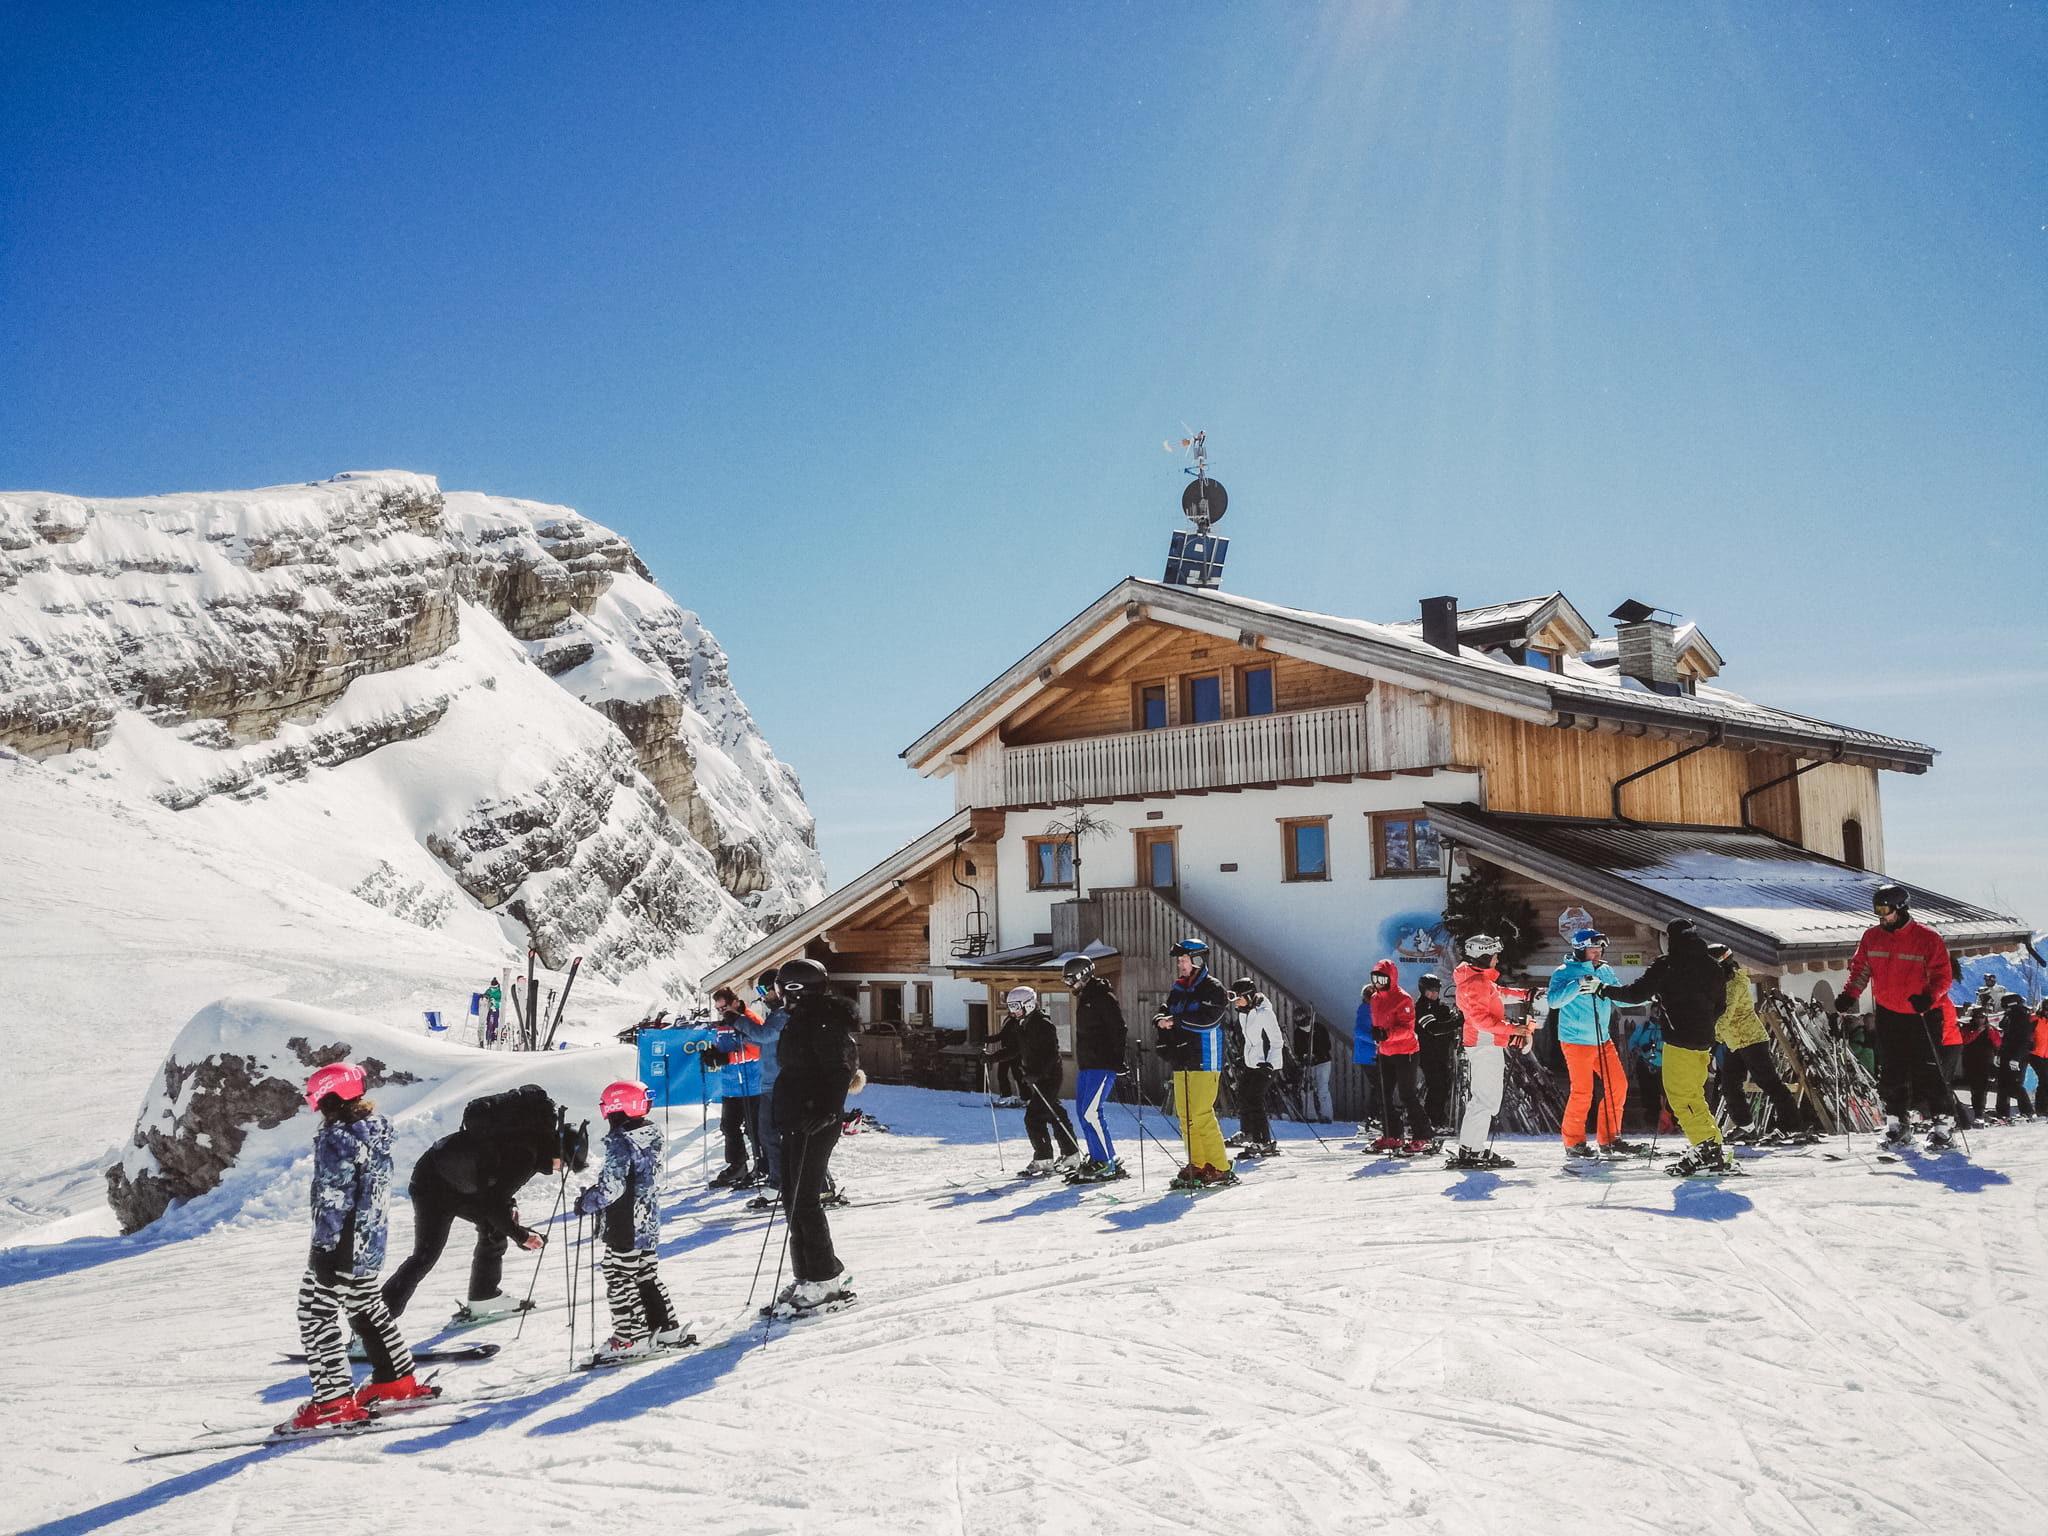 Rifugio Averau - Cortina d'Ampezzo